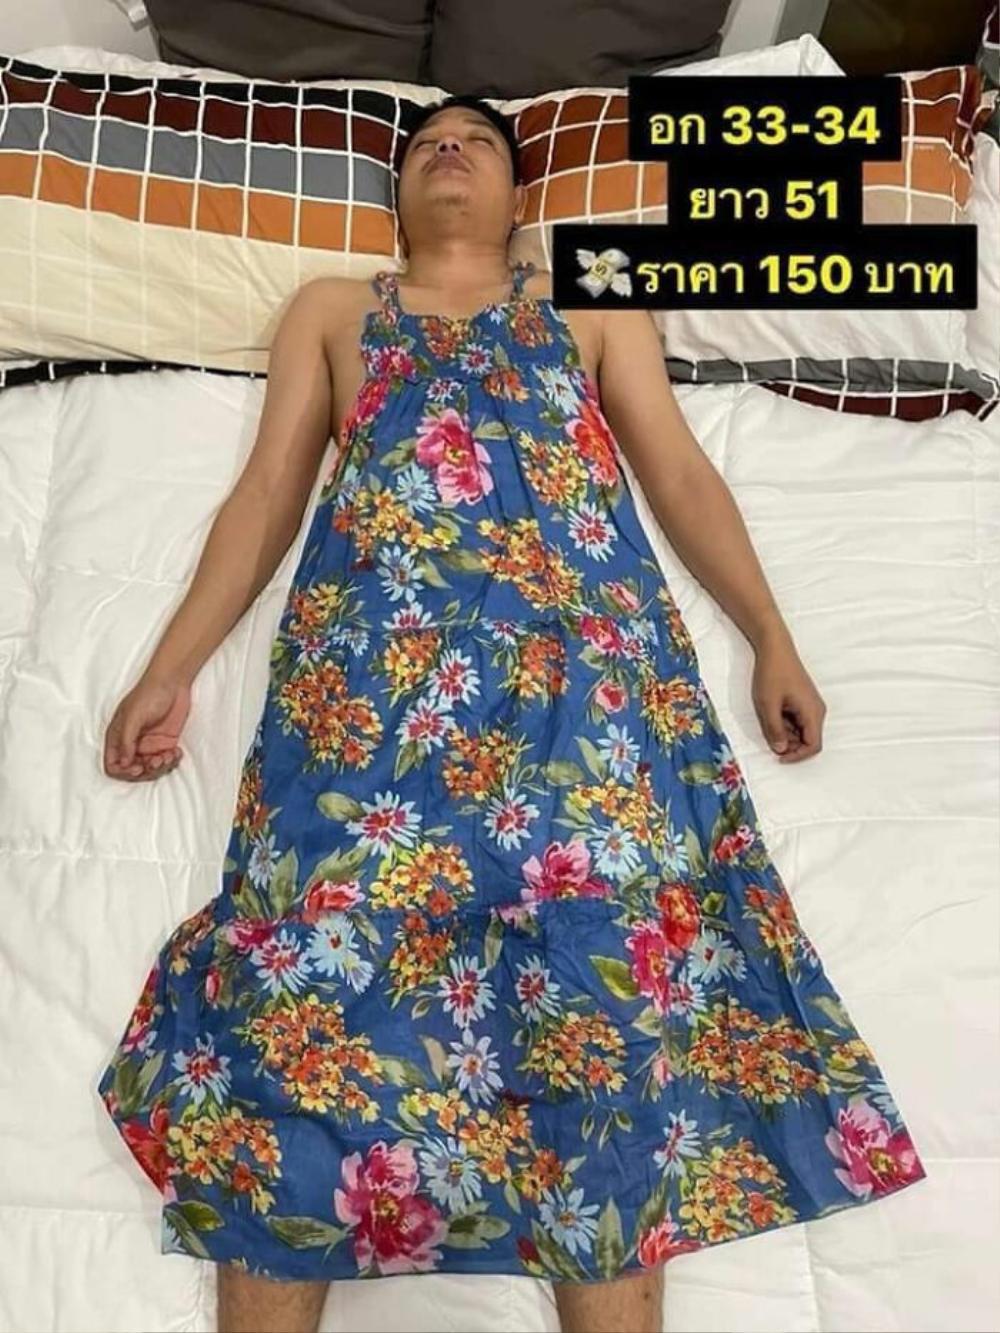 Anh chồng bị vợ 'bắt' làm người mẫu bất đắc dĩ, mặc cả váy lẫn croptop để quảng cáo online Ảnh 1